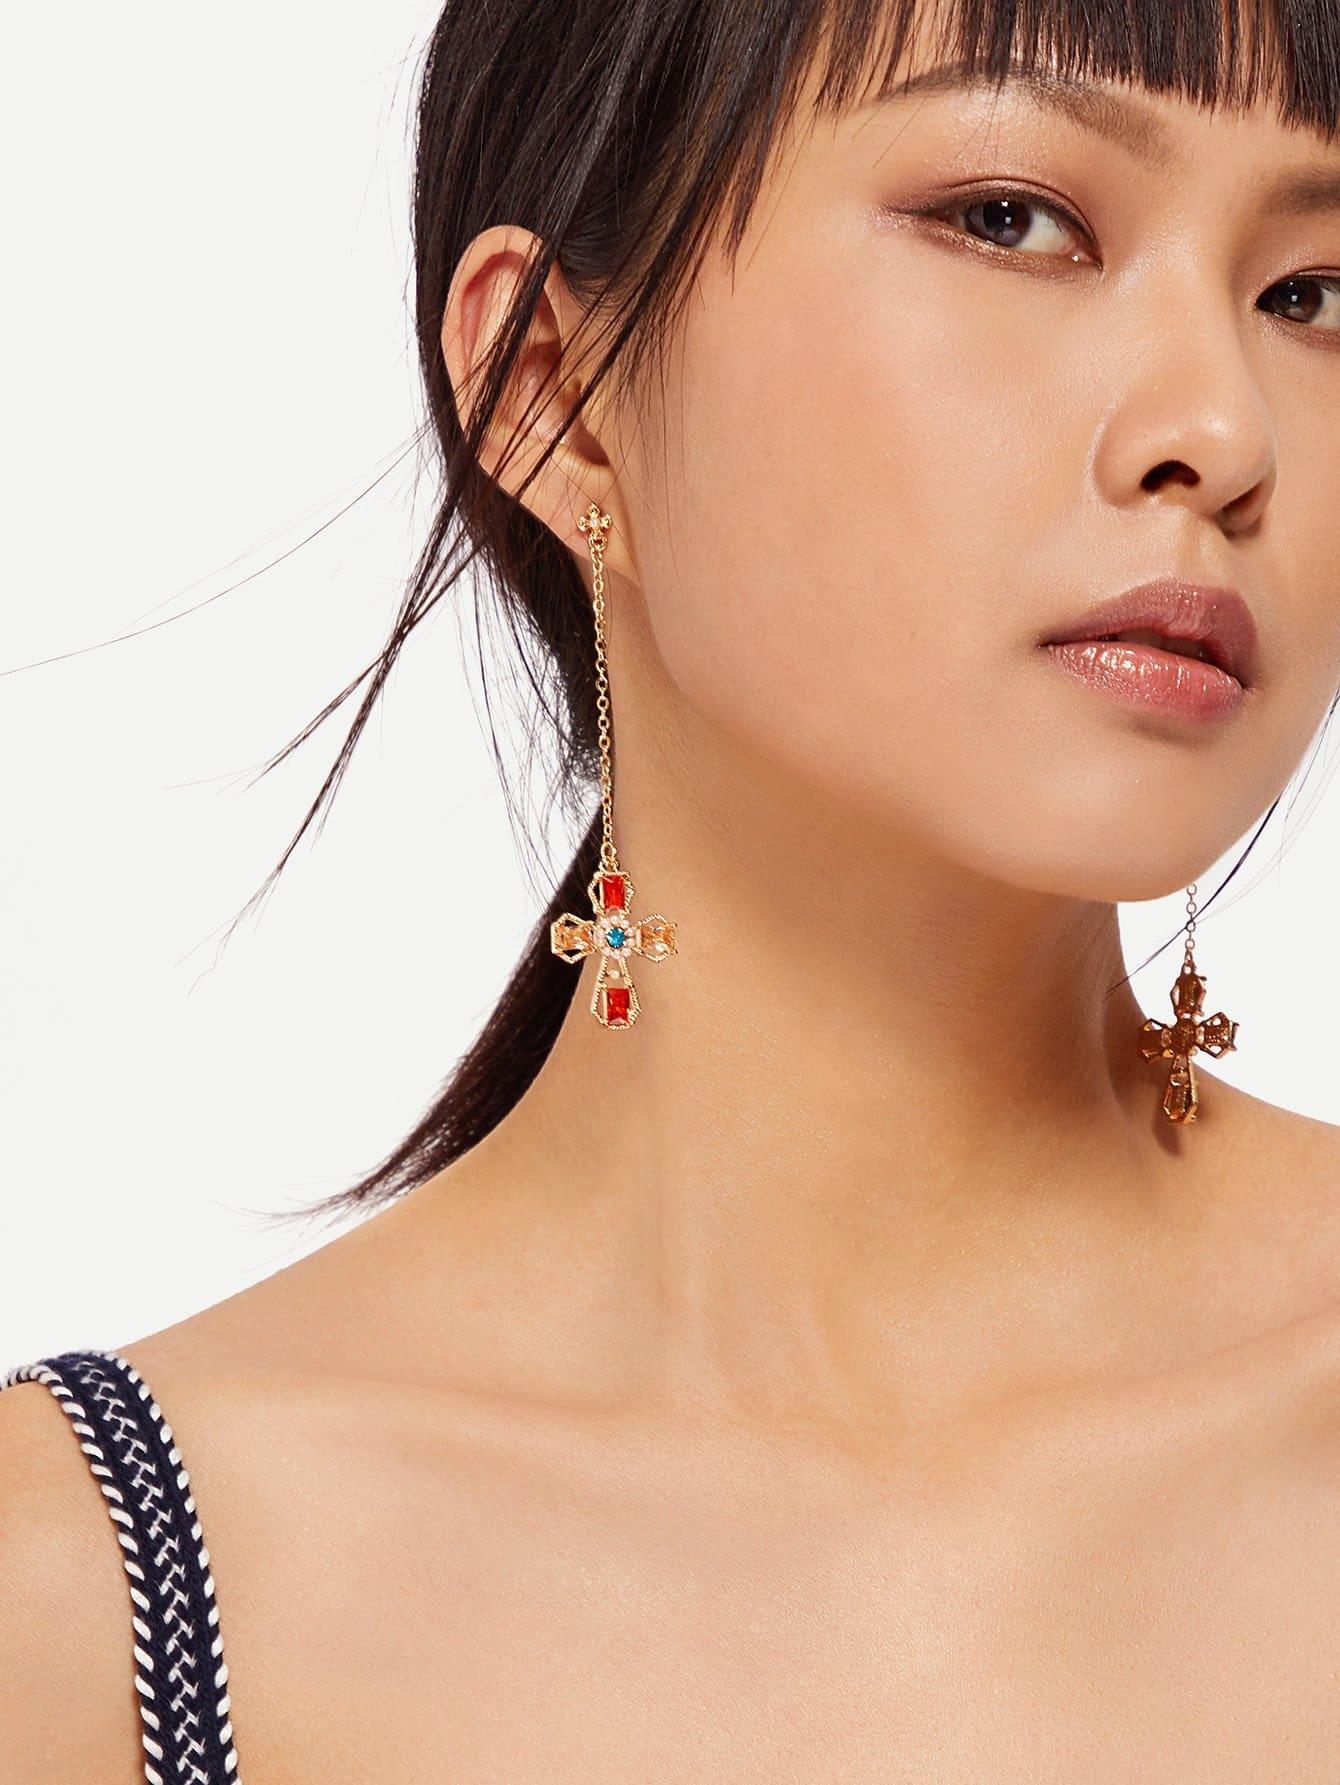 Rhinestone Cross Drop Earrings two tone cross design drop earrings